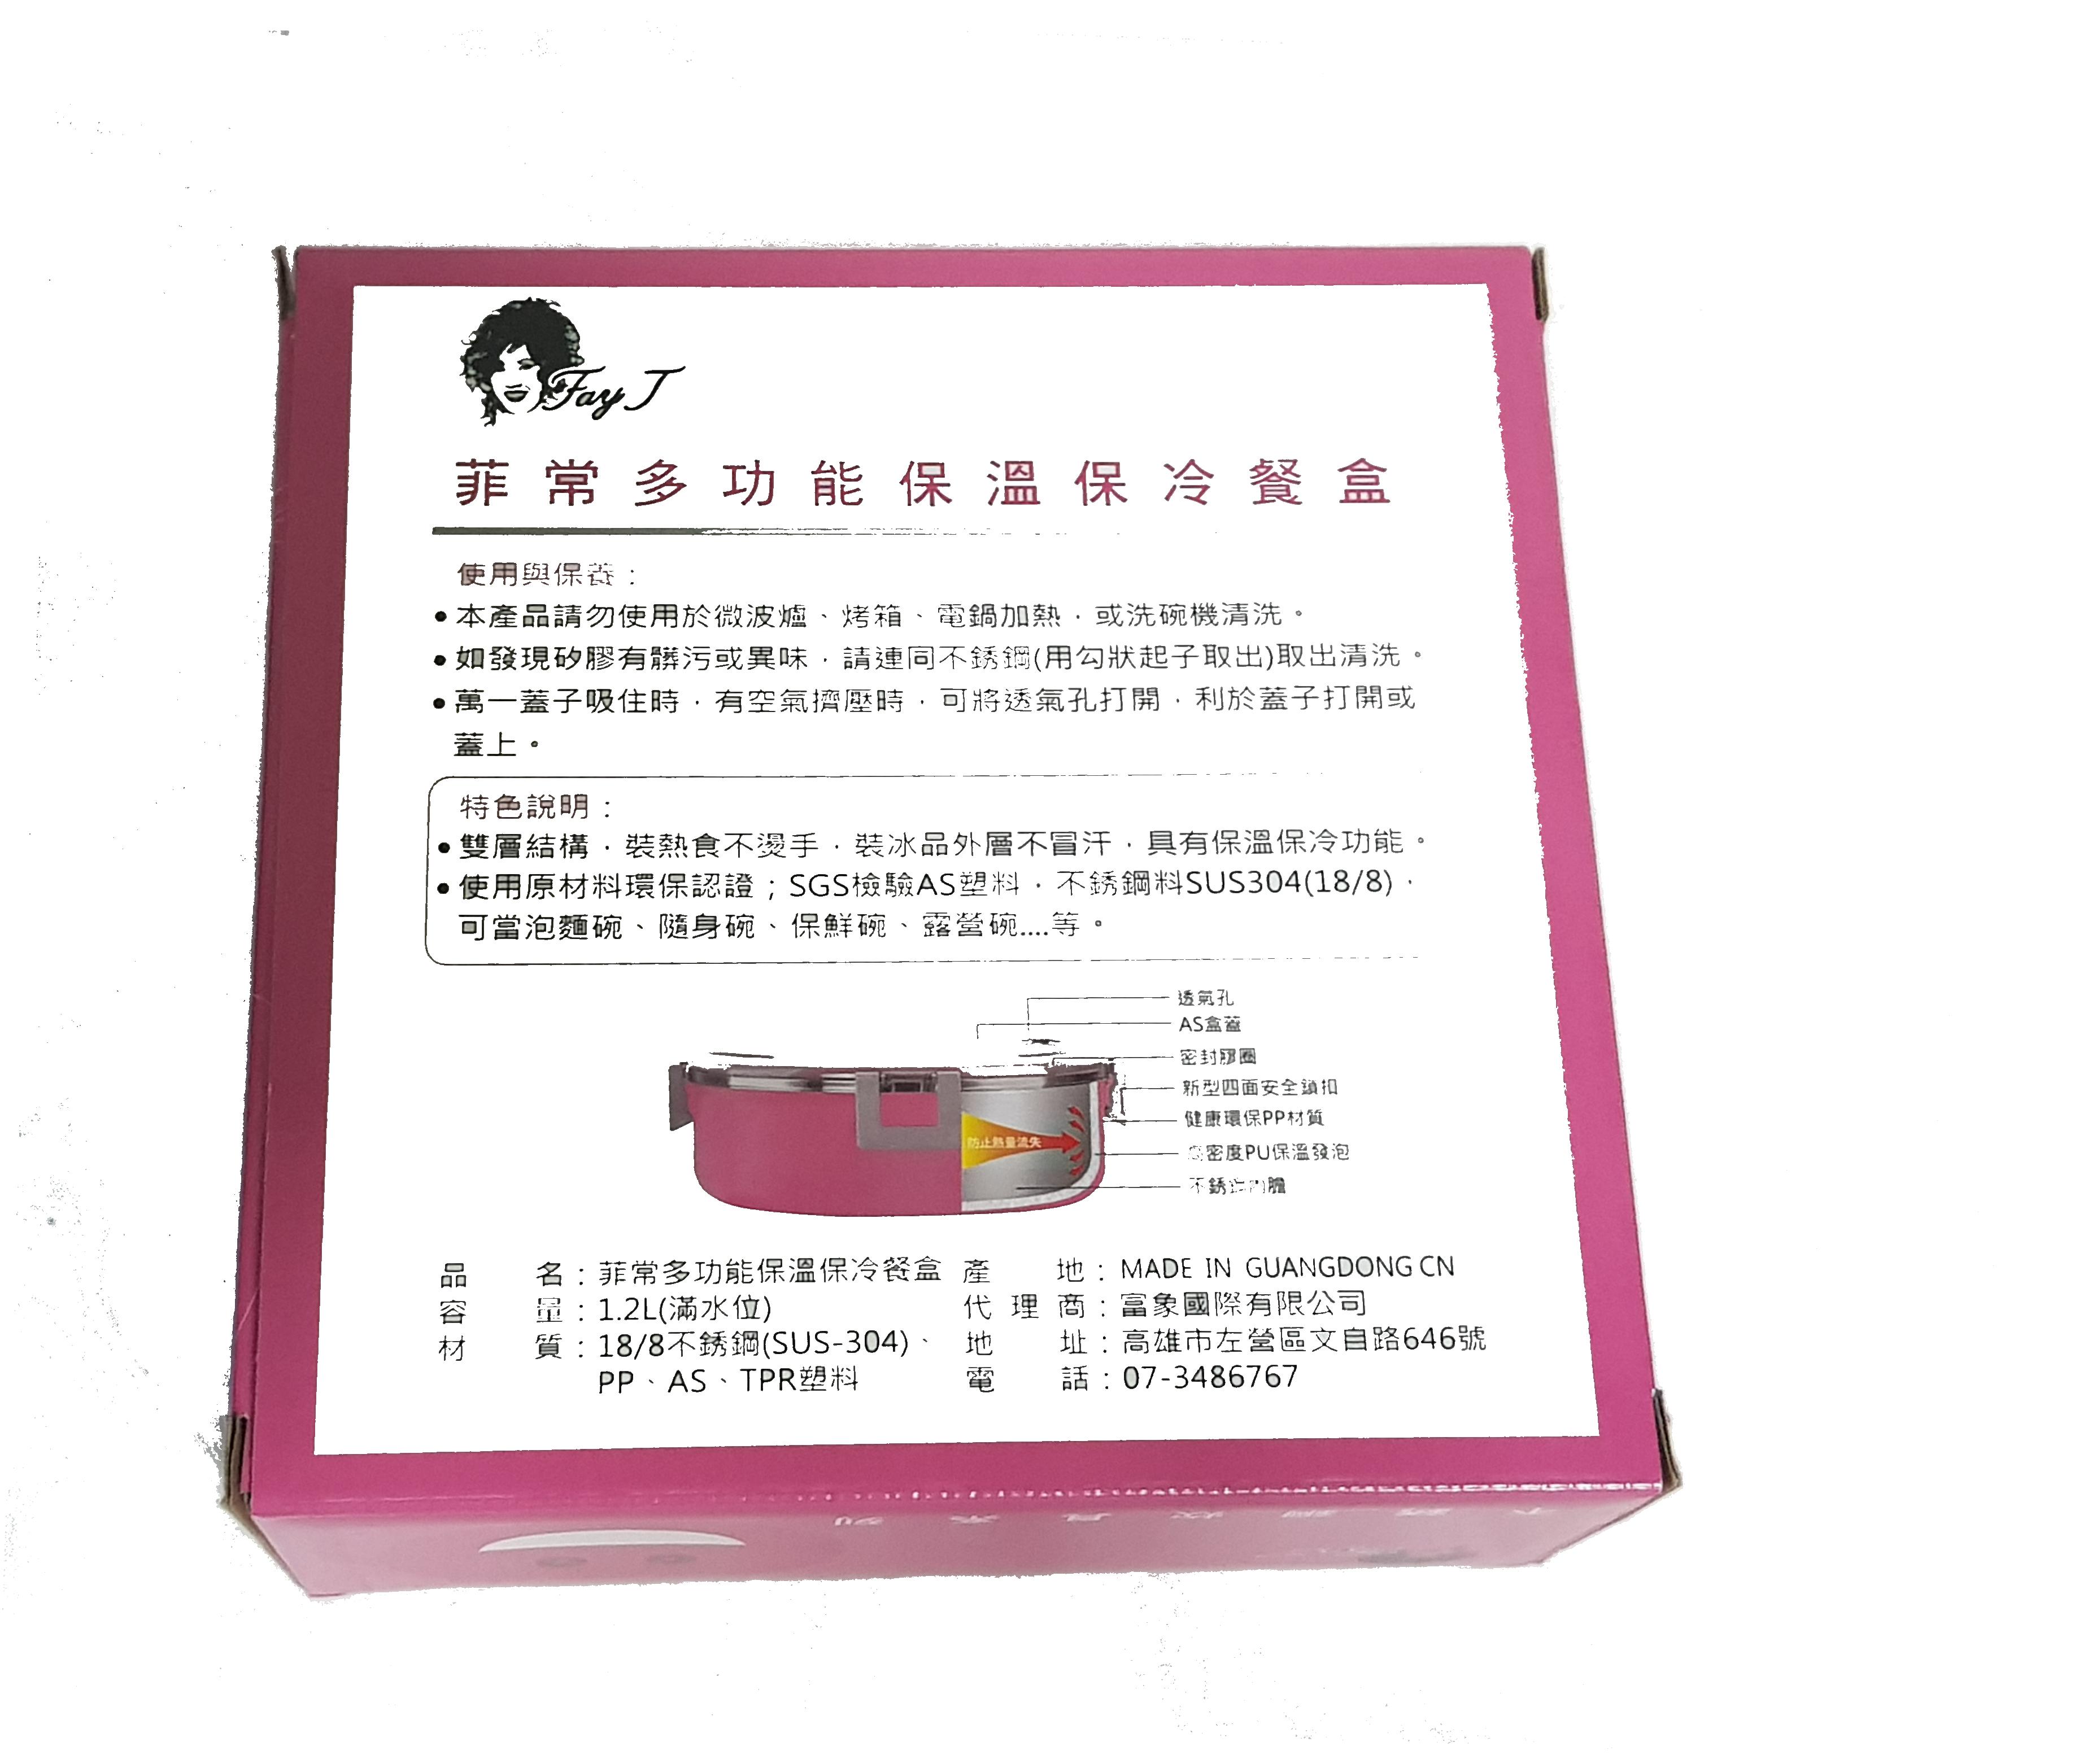 菲常多功能保溫保冷餐盒粉-8.png